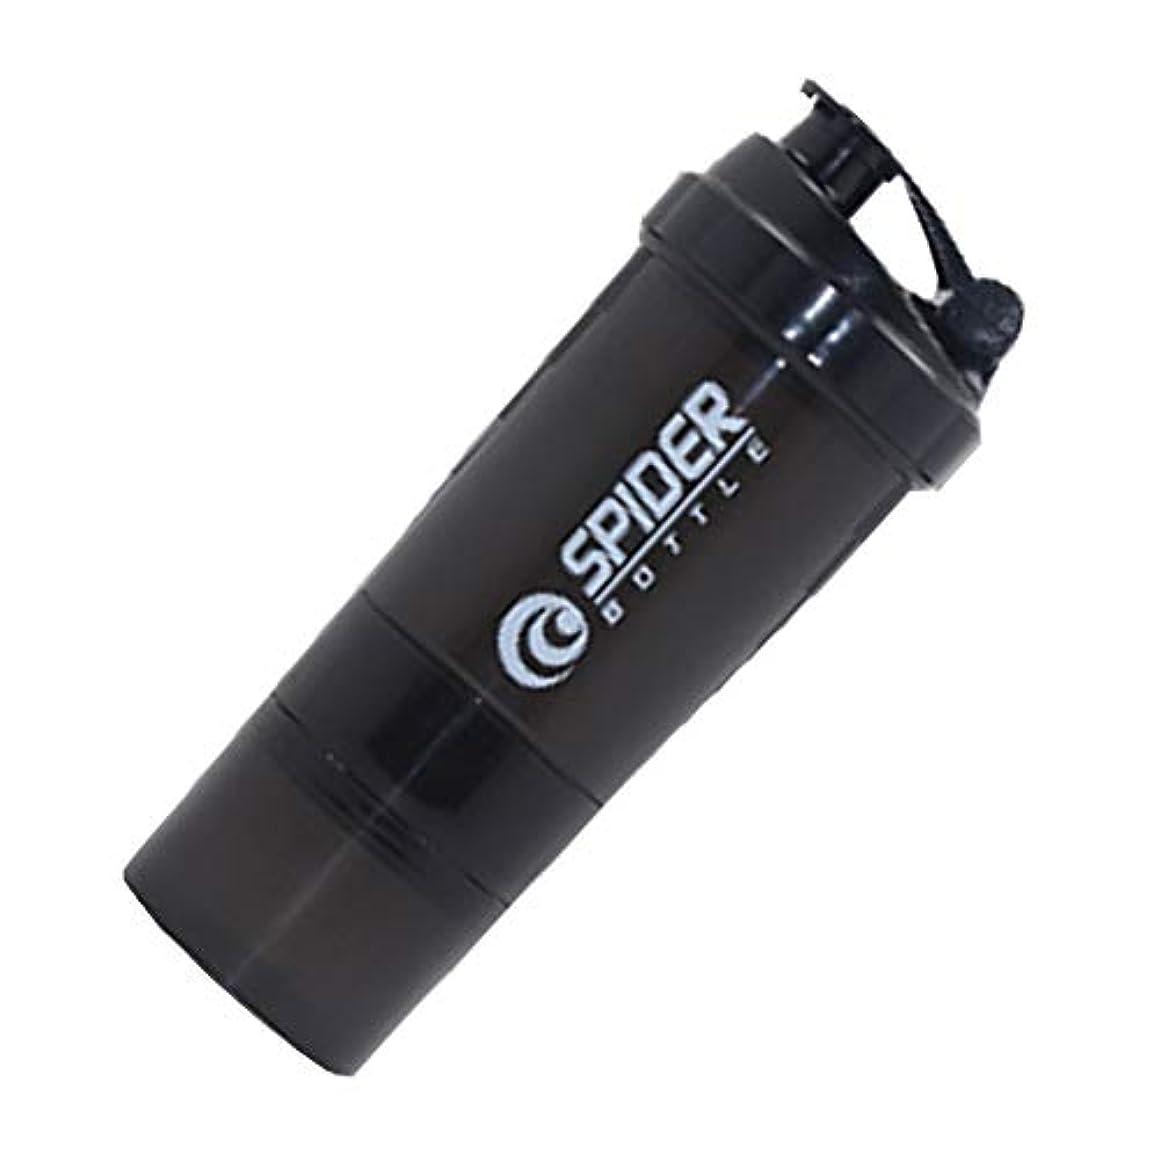 ゴールデン航空機飛行機Cangad プロテインシェーカー ブレンダーボトル 3層ハンディー式 タンパク質パウダーミキサーボルト 500-600ML 栄養錠剤ビタミン入れ ダイエットドリンク用 (ブラック)